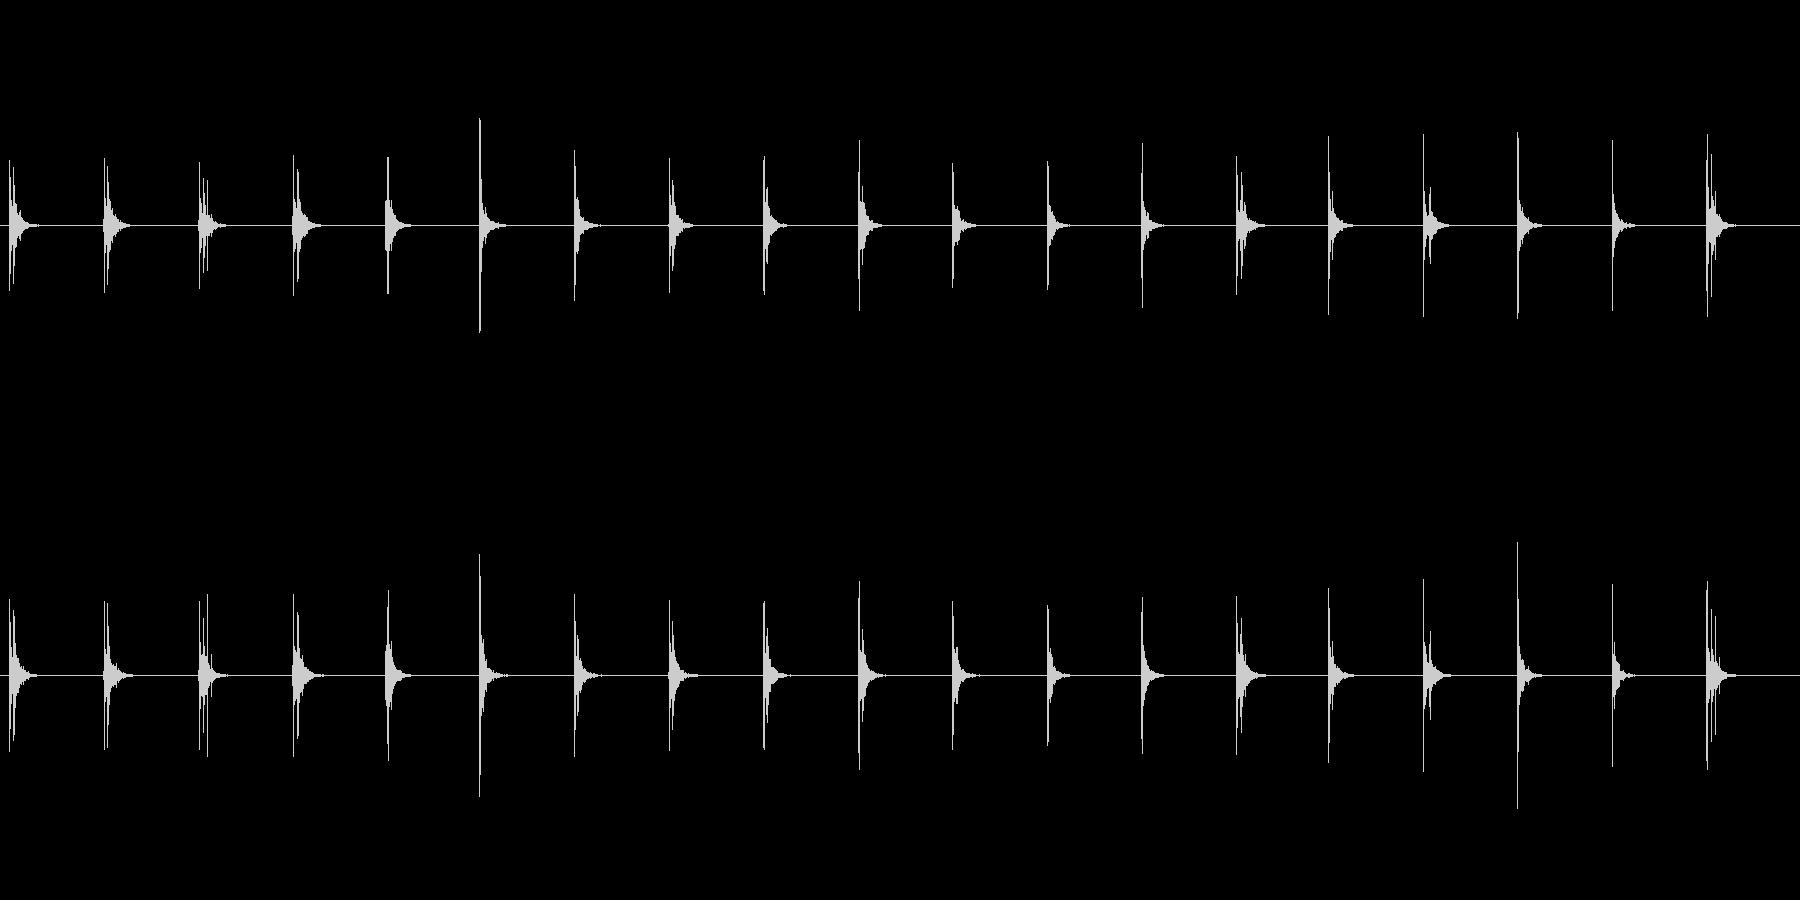 水滴-5の未再生の波形